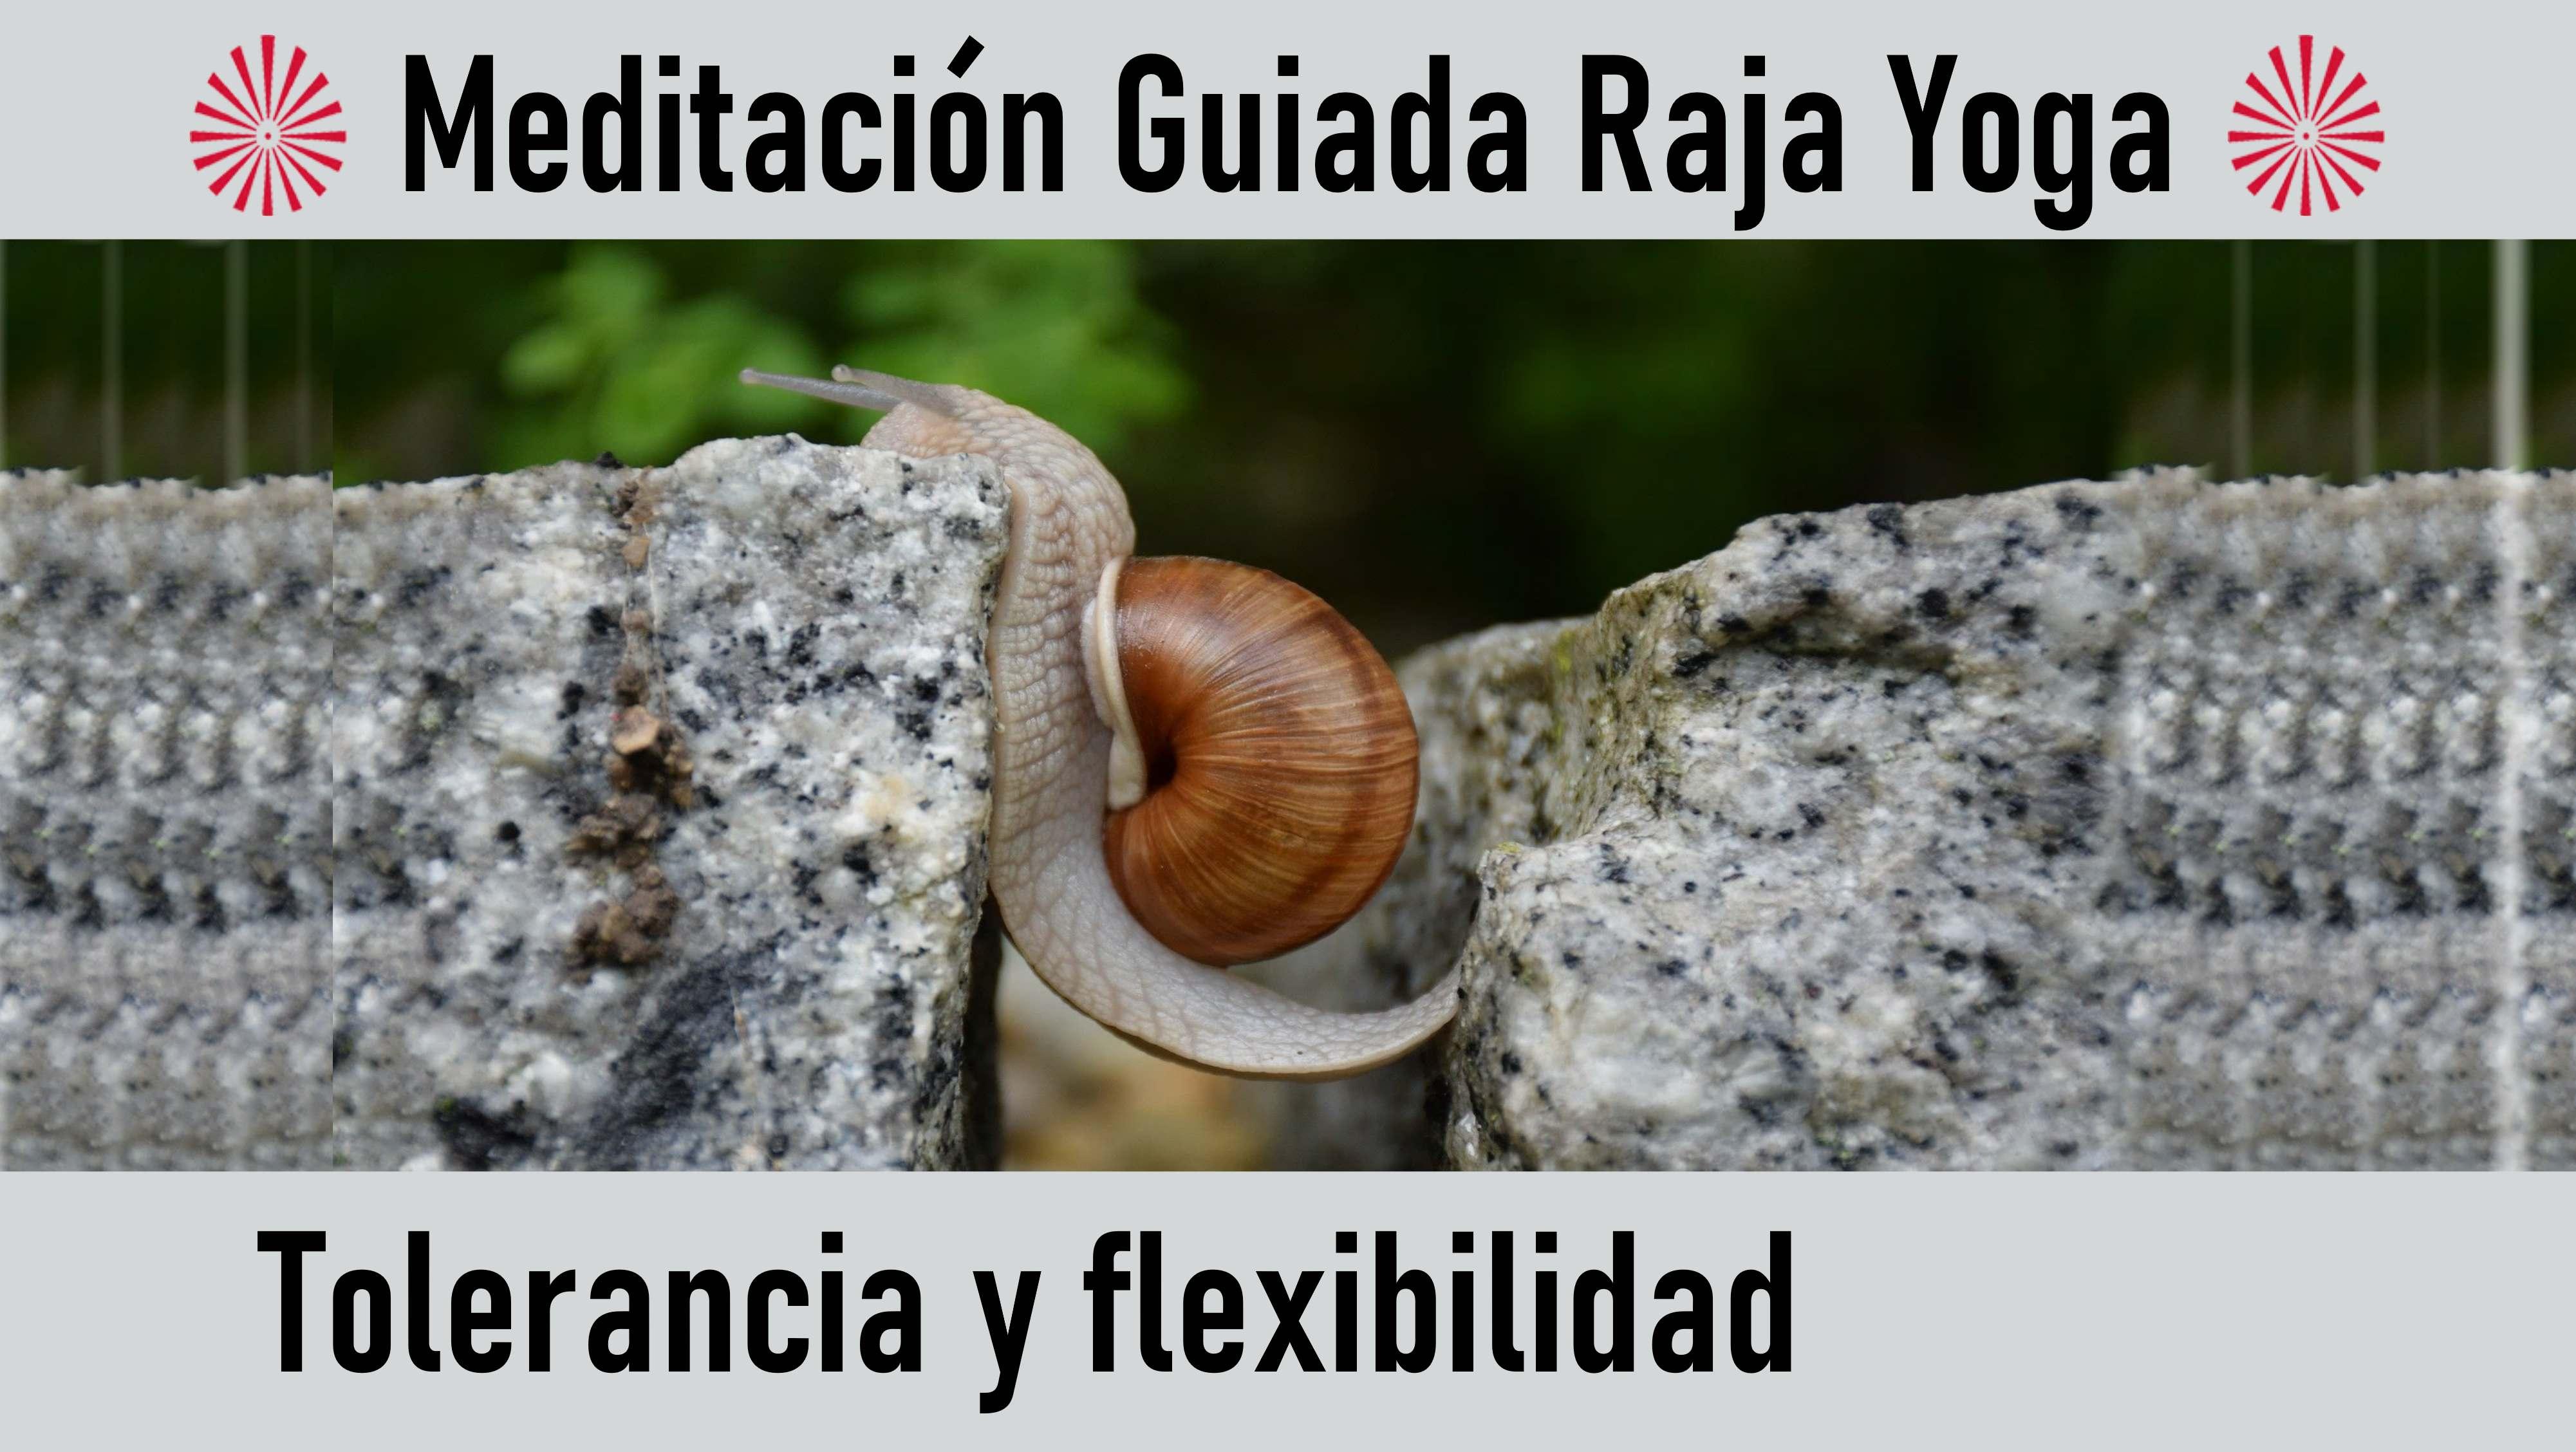 18 Agosto 2020 Meditación guiada: Tolerancia y flexibilidad